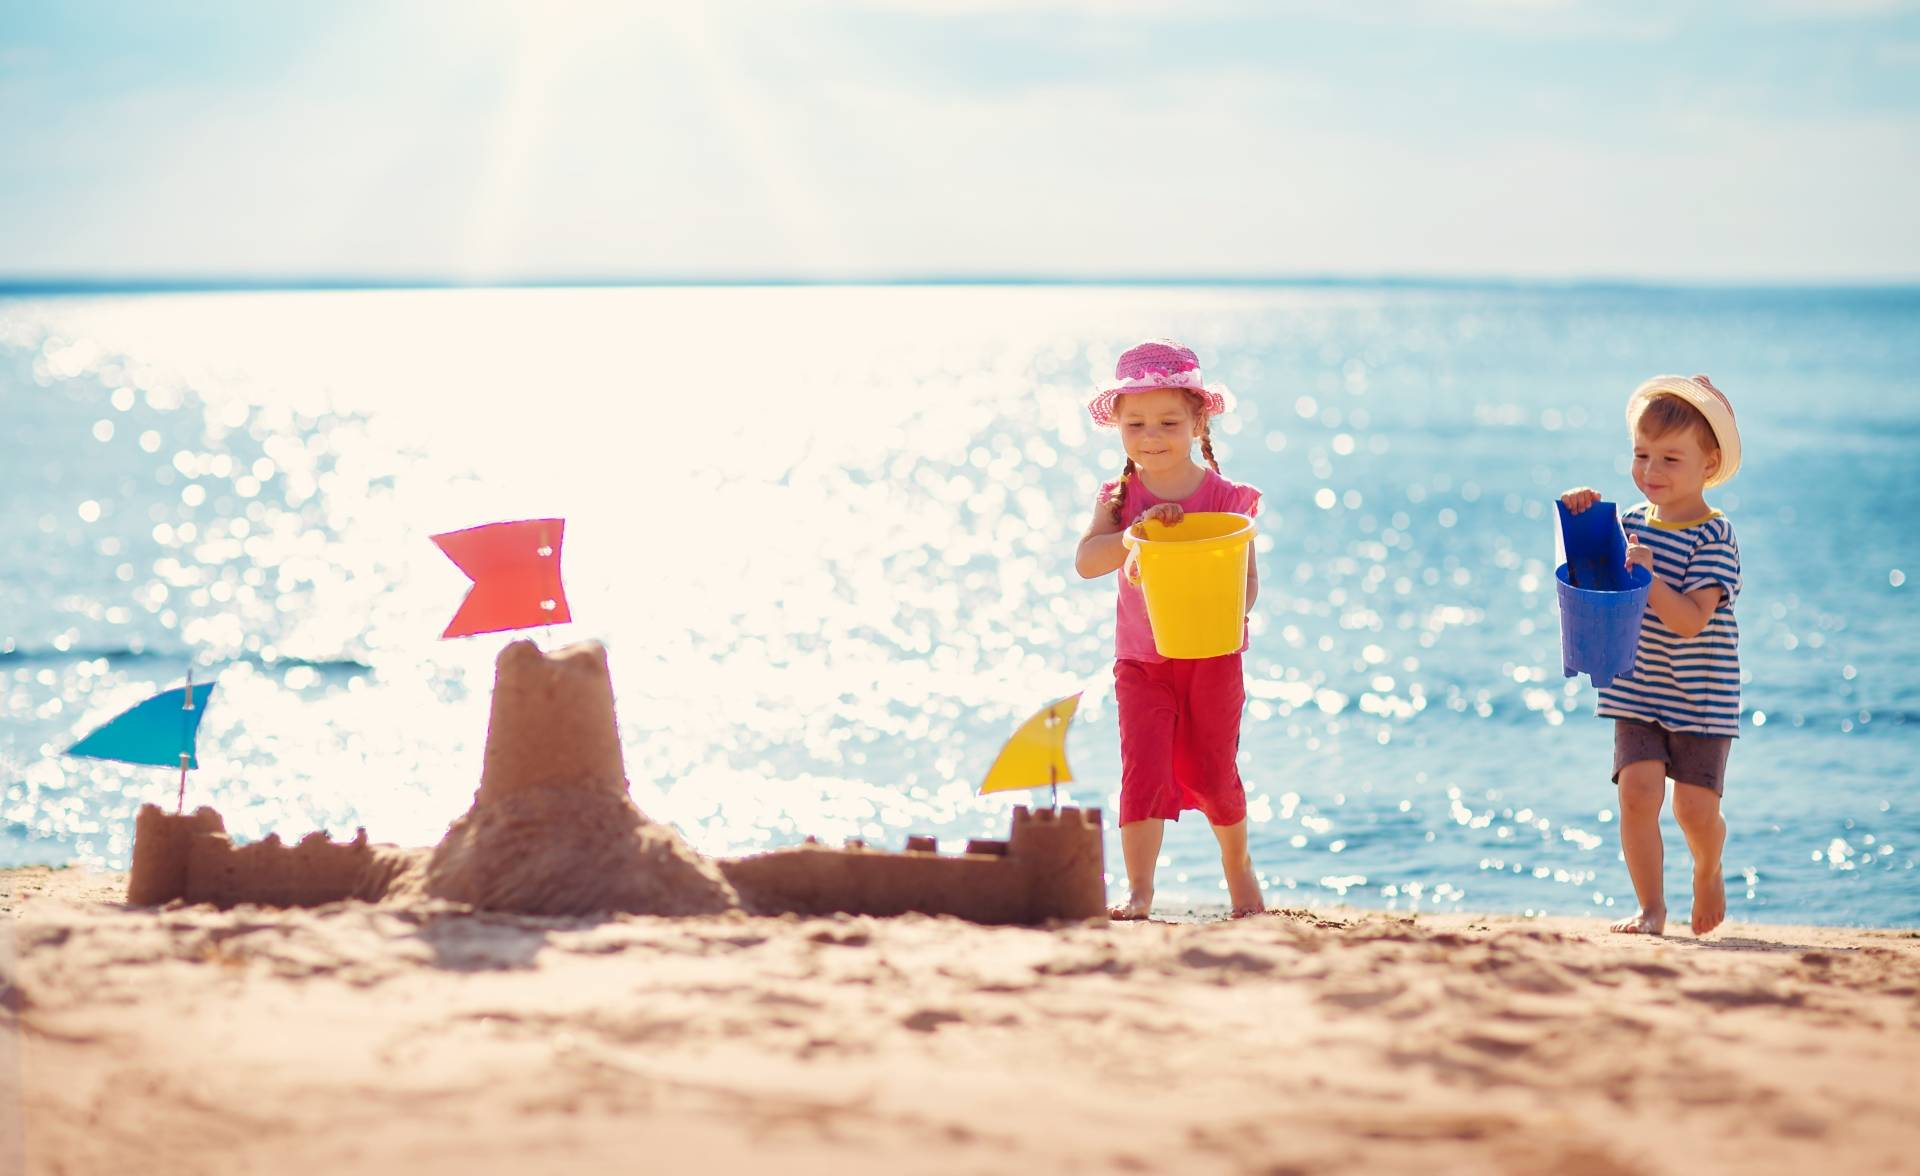 Dzieci budują zamek z piasku na plaży. Jak chronić dziecko przed upałem i udarem słonecznym?